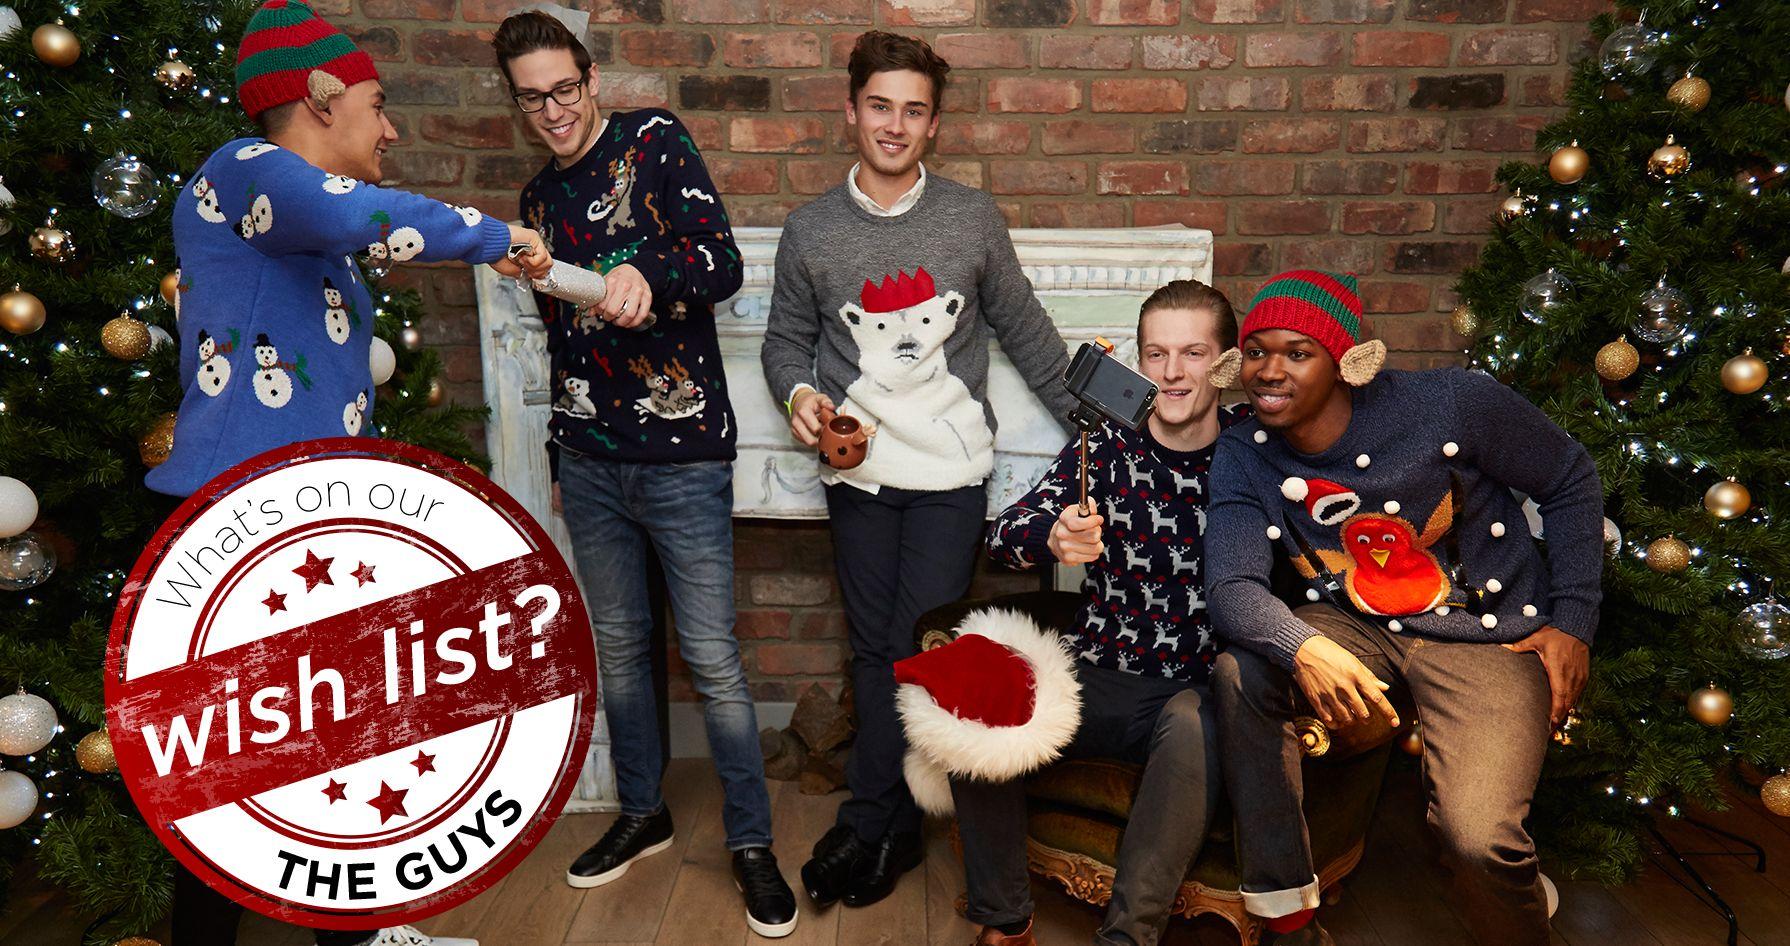 Christmas at RI